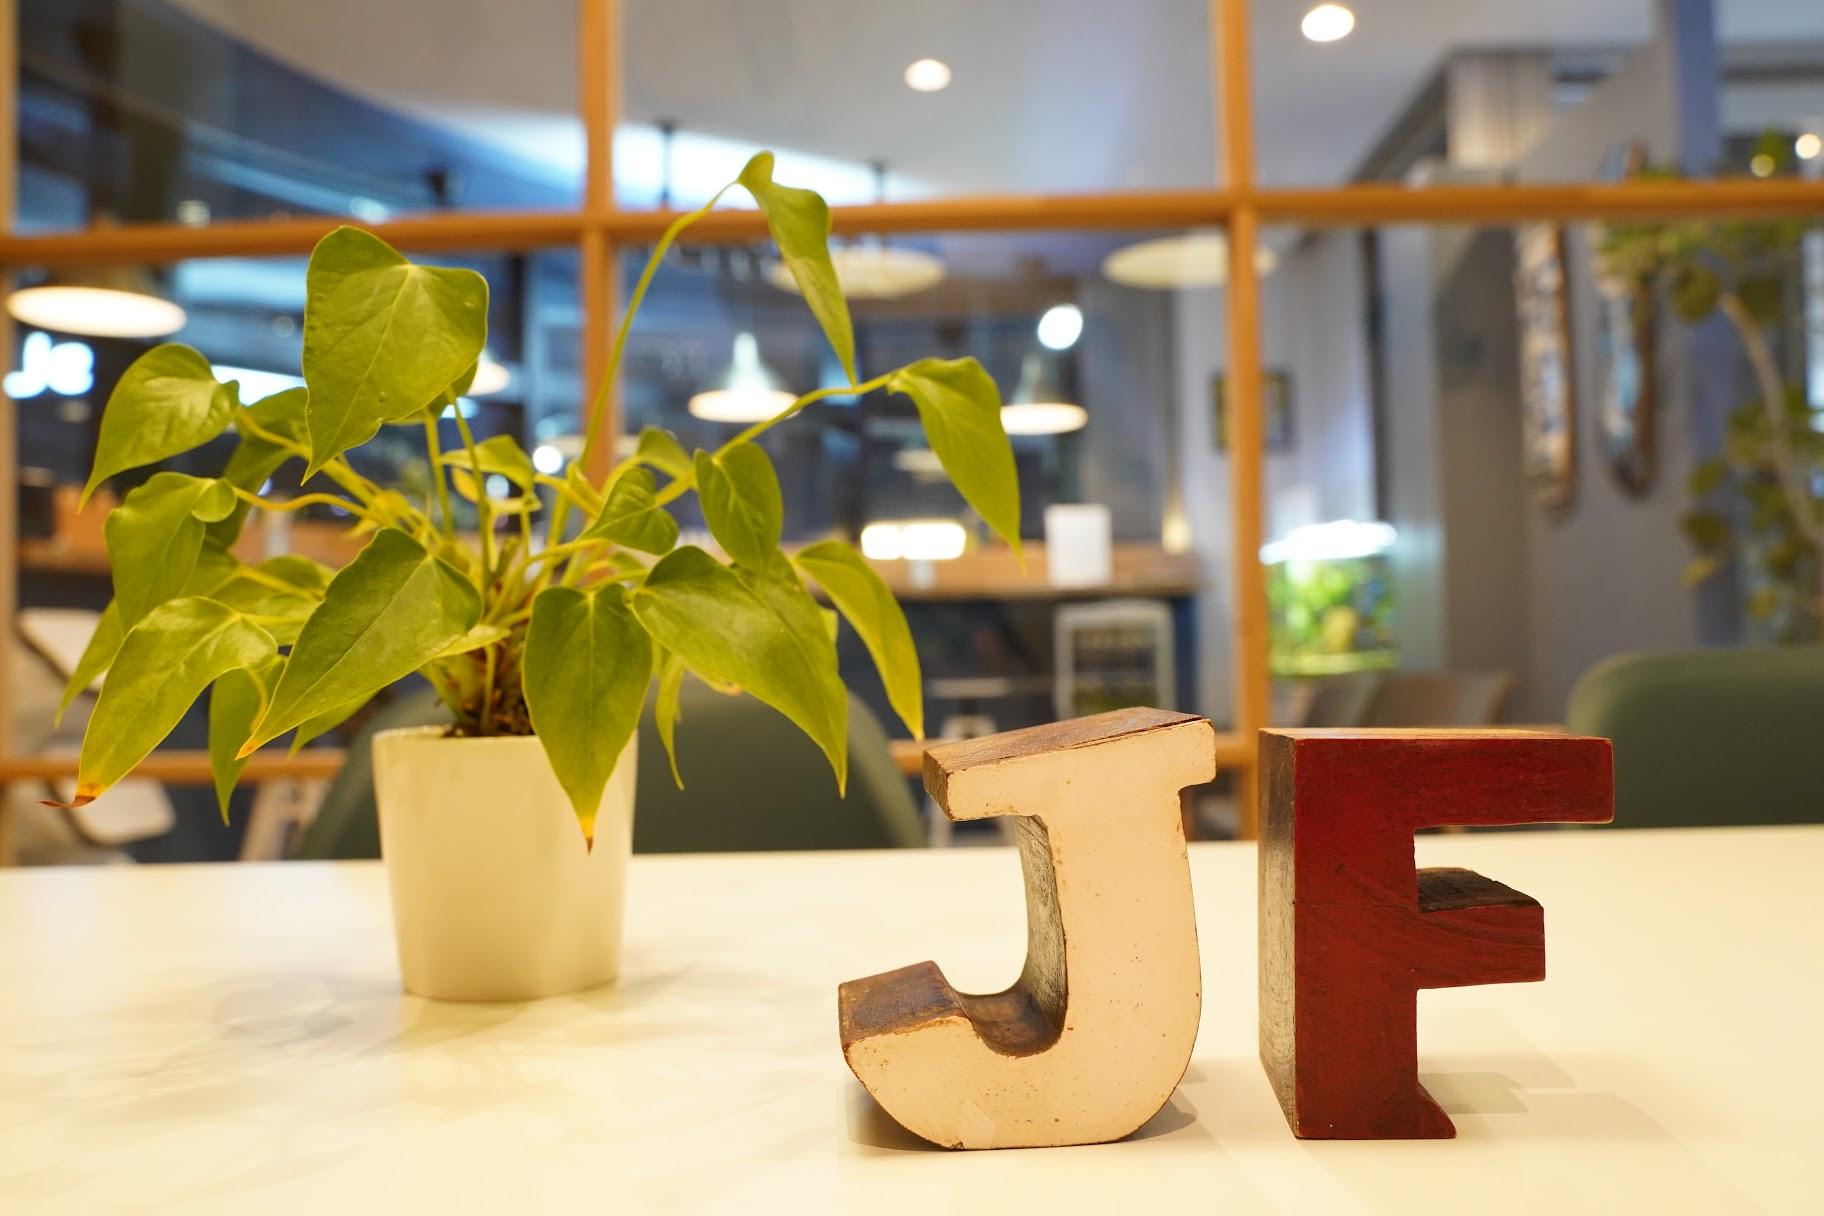 JELLYFISHでは全力採用!全力育成!を全力でやっています!大事なことなのでもう一度、、、全力です!